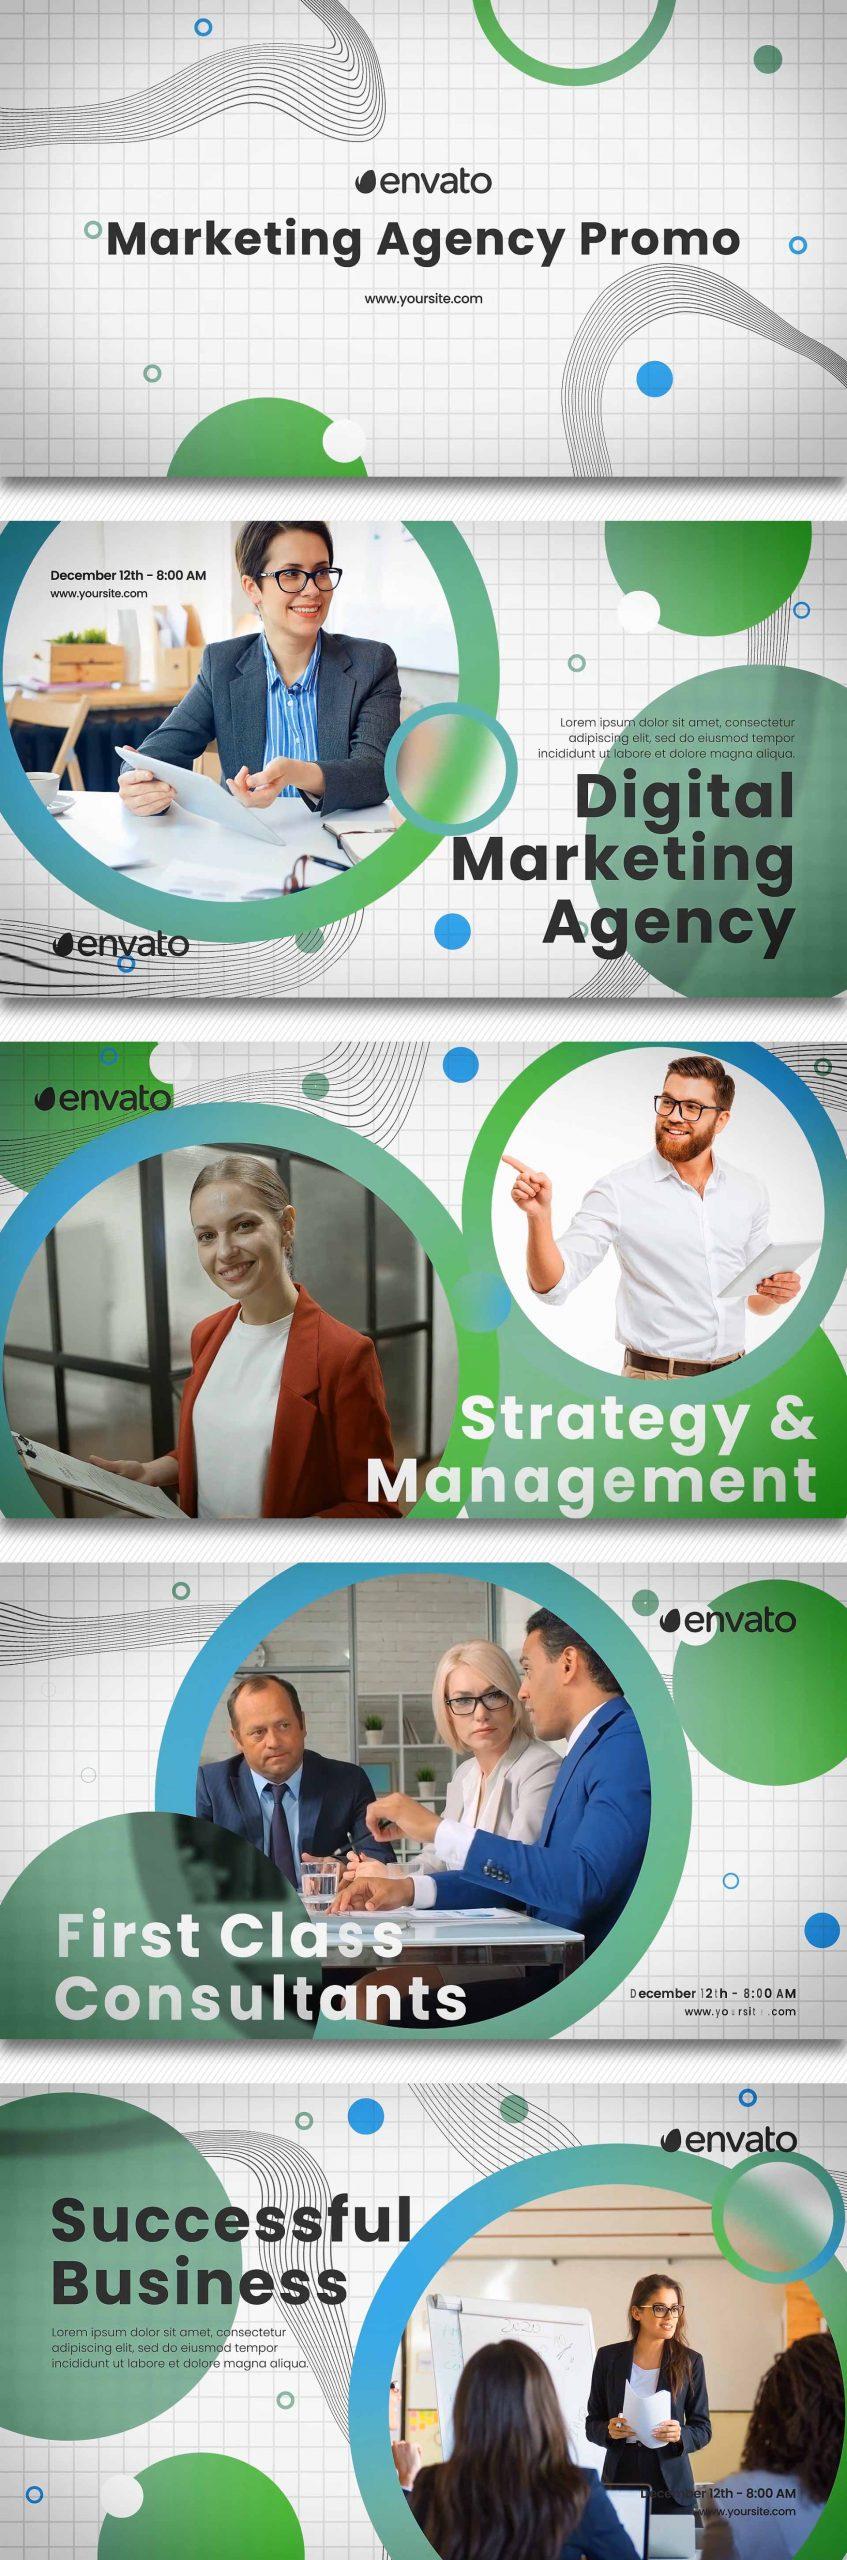 پروژه آماده افترافکت بازاریابی و تبلیغات